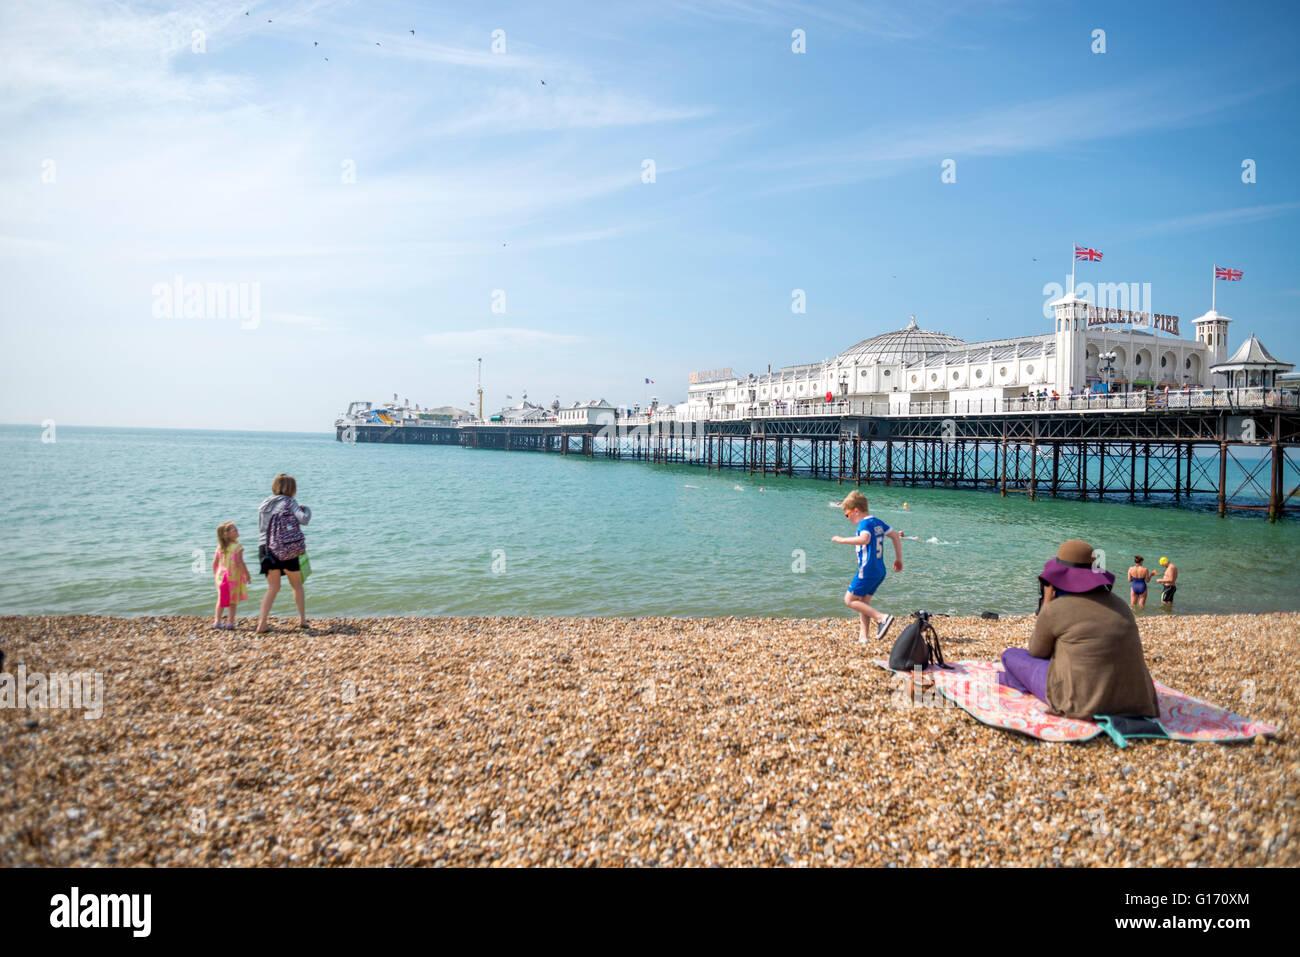 Vue sur la jetée de Brighton sur une journée de printemps ensoleillée de la plage Photo Stock